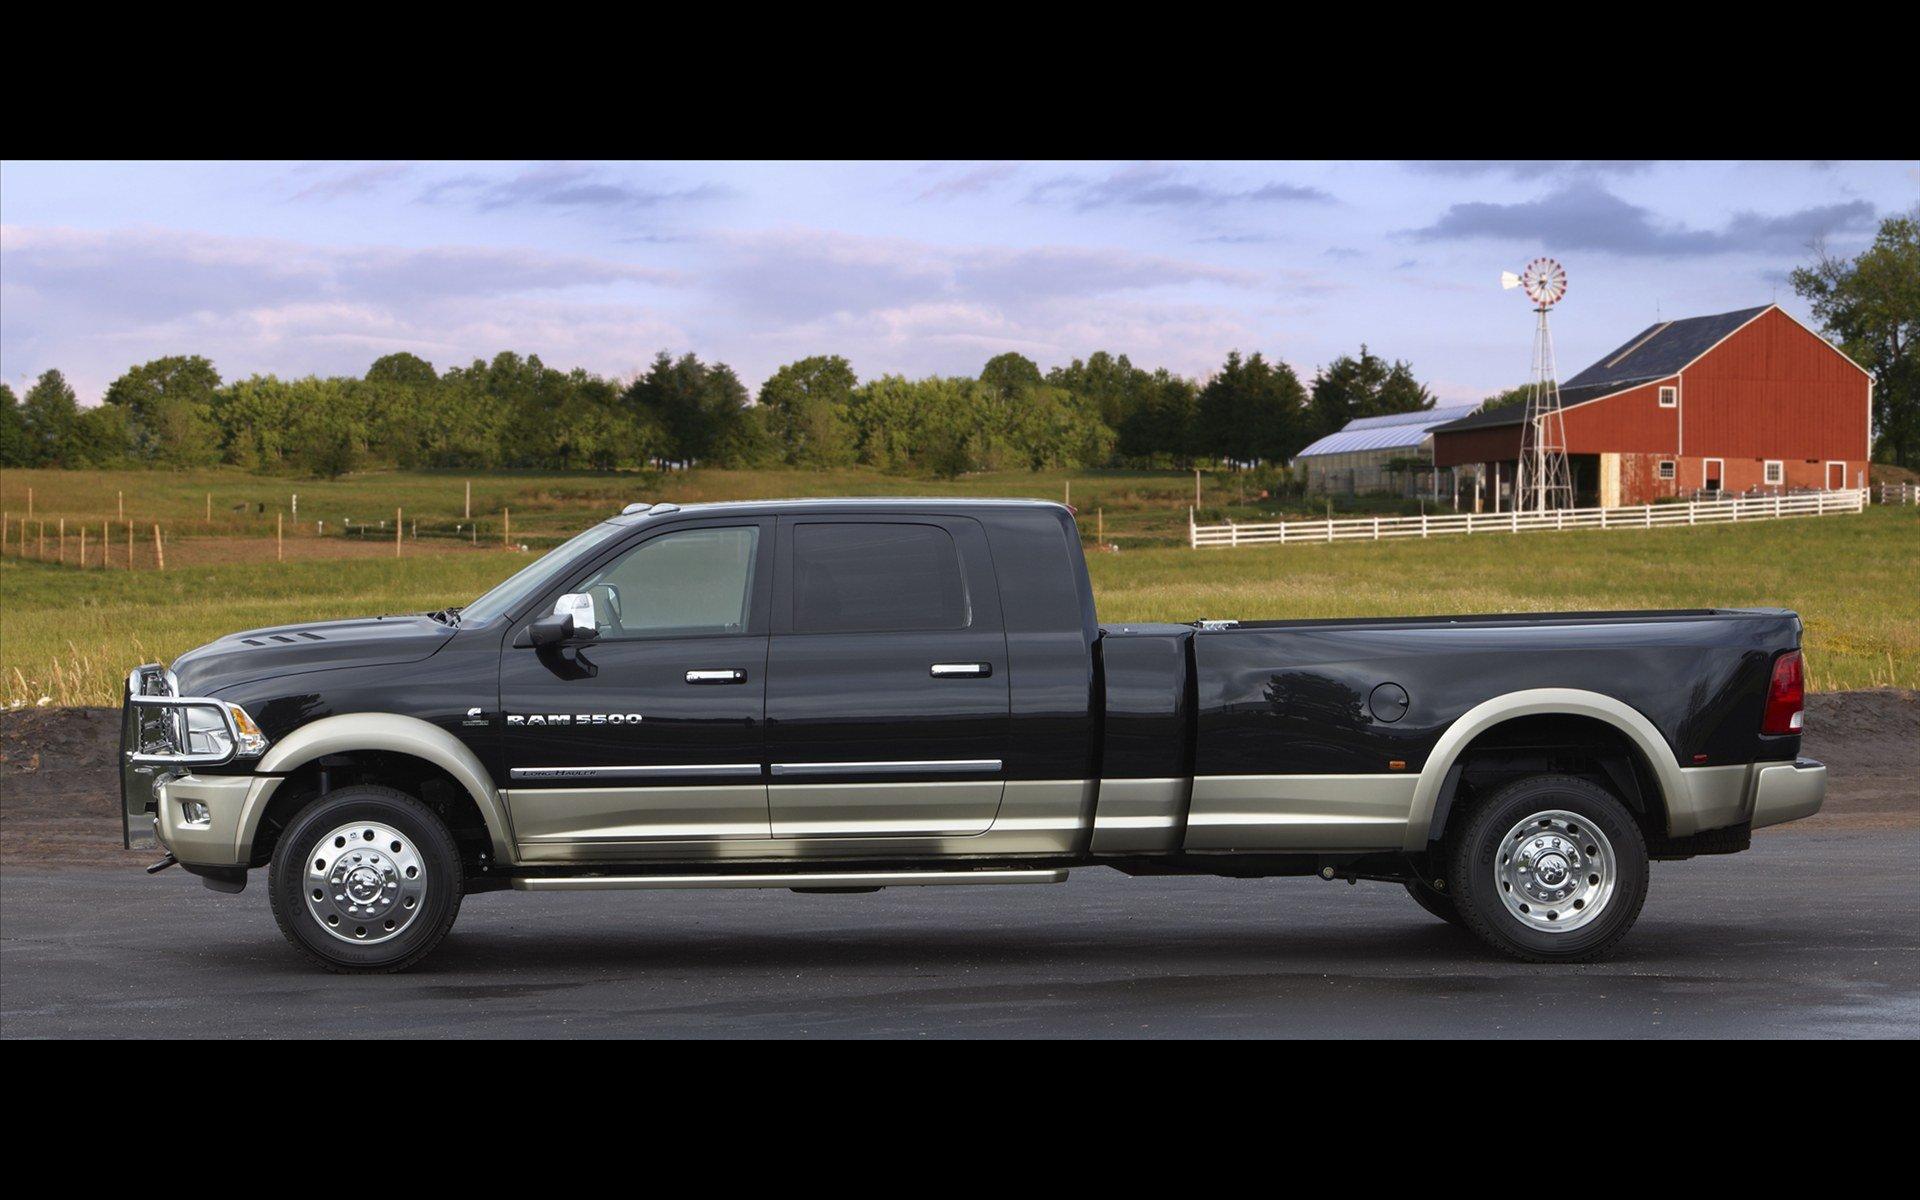 Dodge Ram 5500 trucks farm wallpaper 1920x1200 39477 WallpaperUP 1920x1200